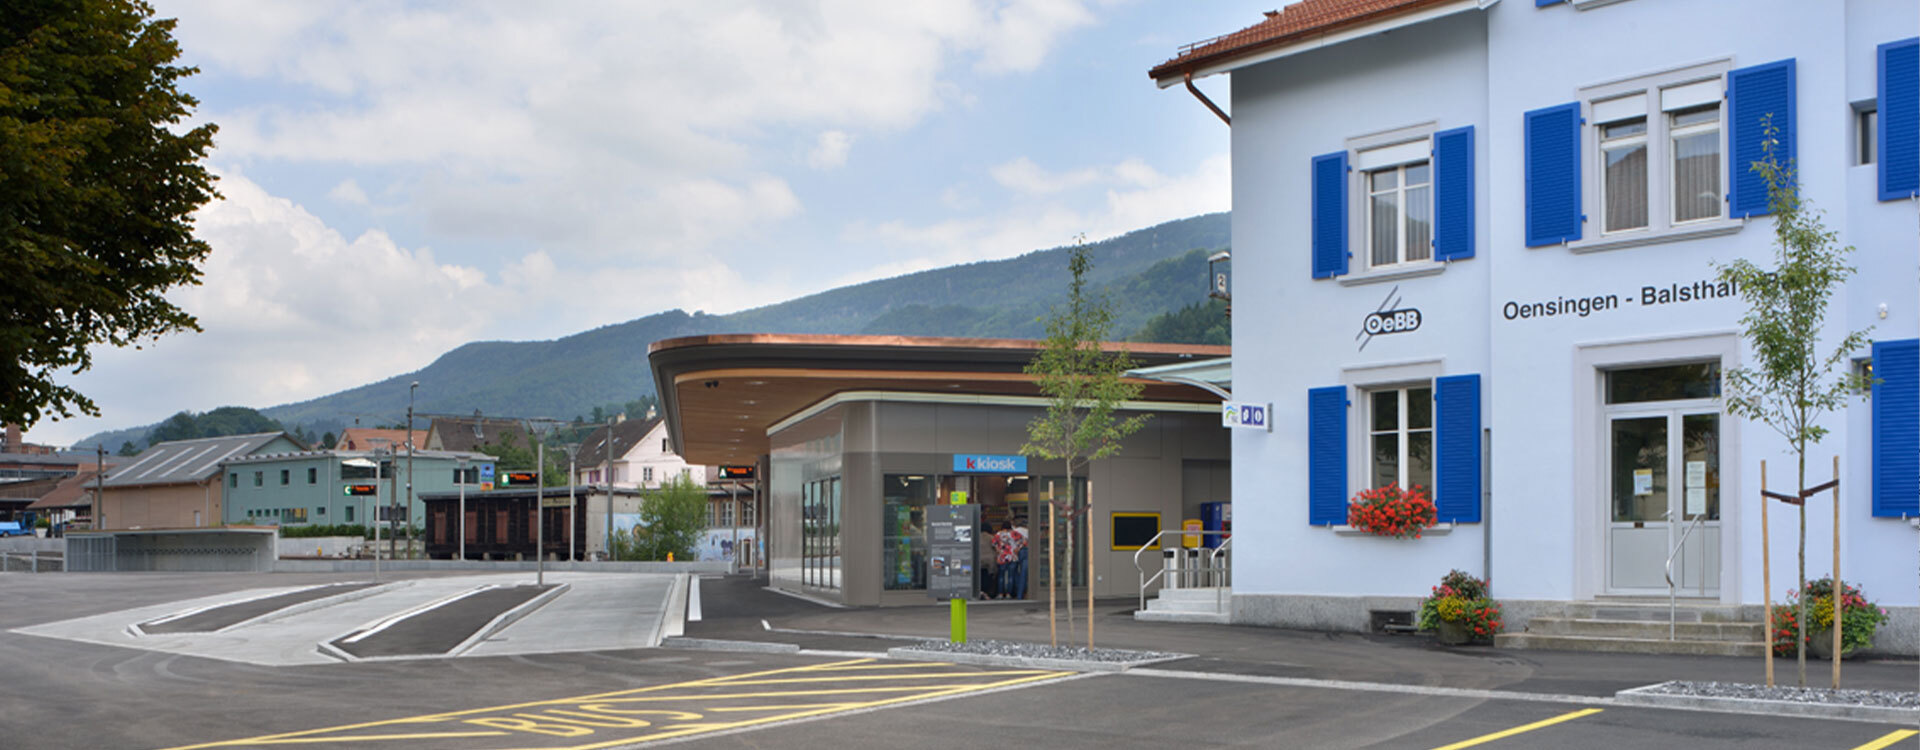 Reisezenter Balsthal - Oensingen-Balsthal-Bahn AG